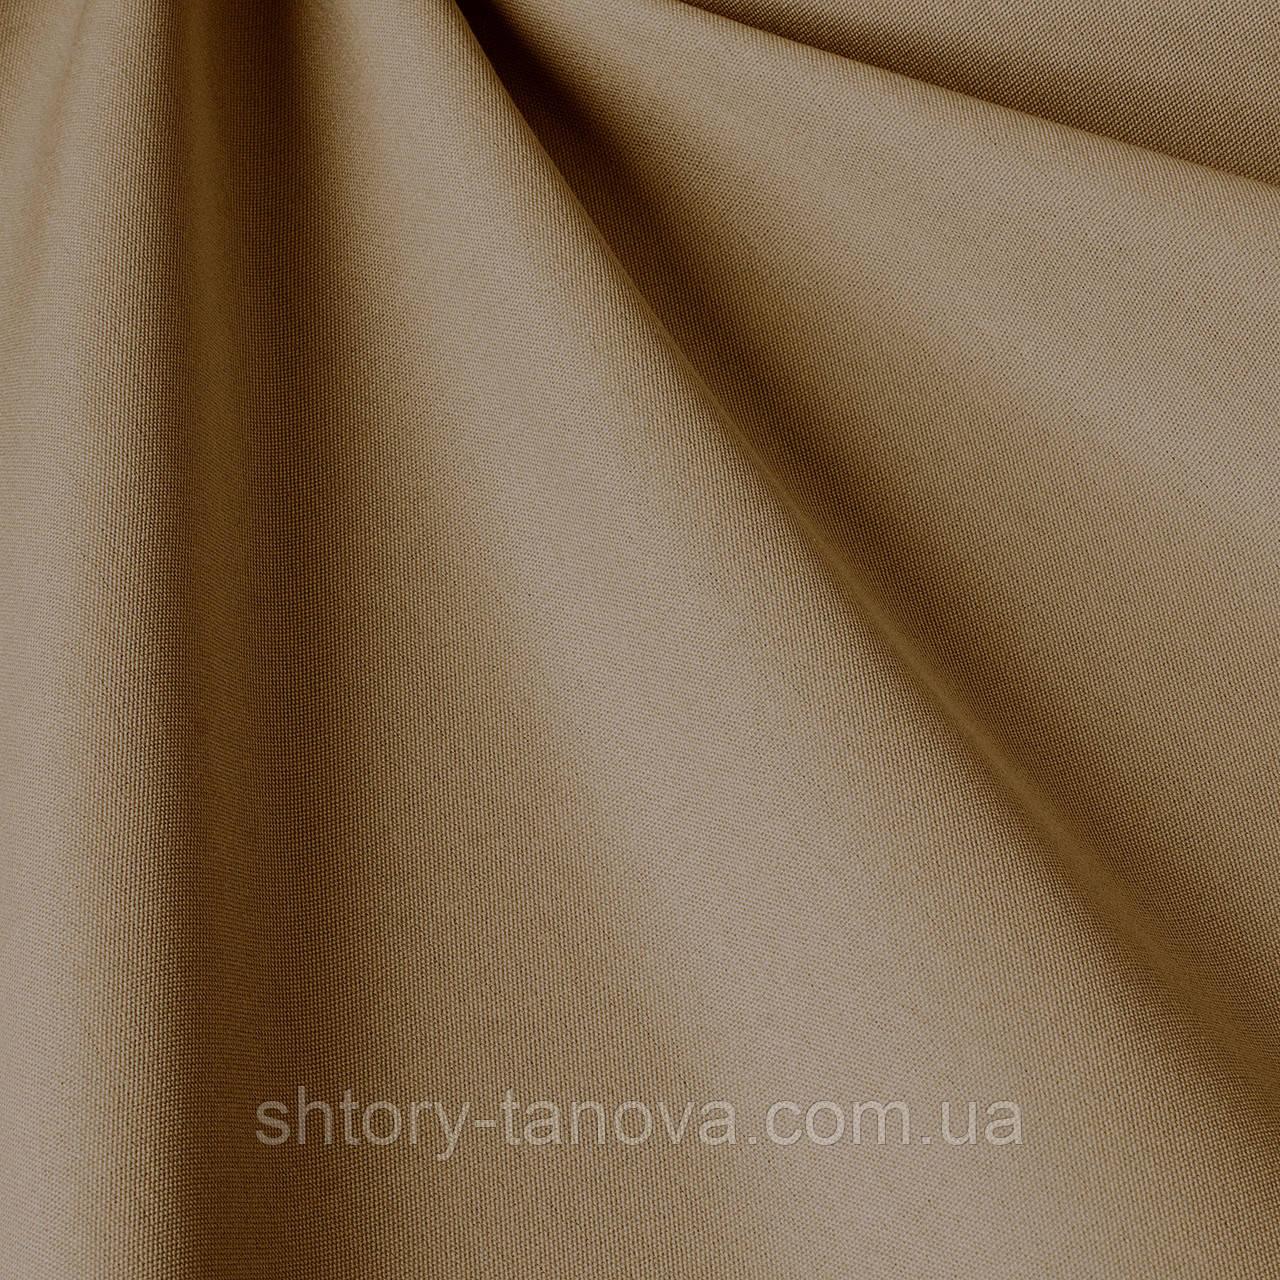 Однотонная акриловая ткань для улицы темно-кремового цвета